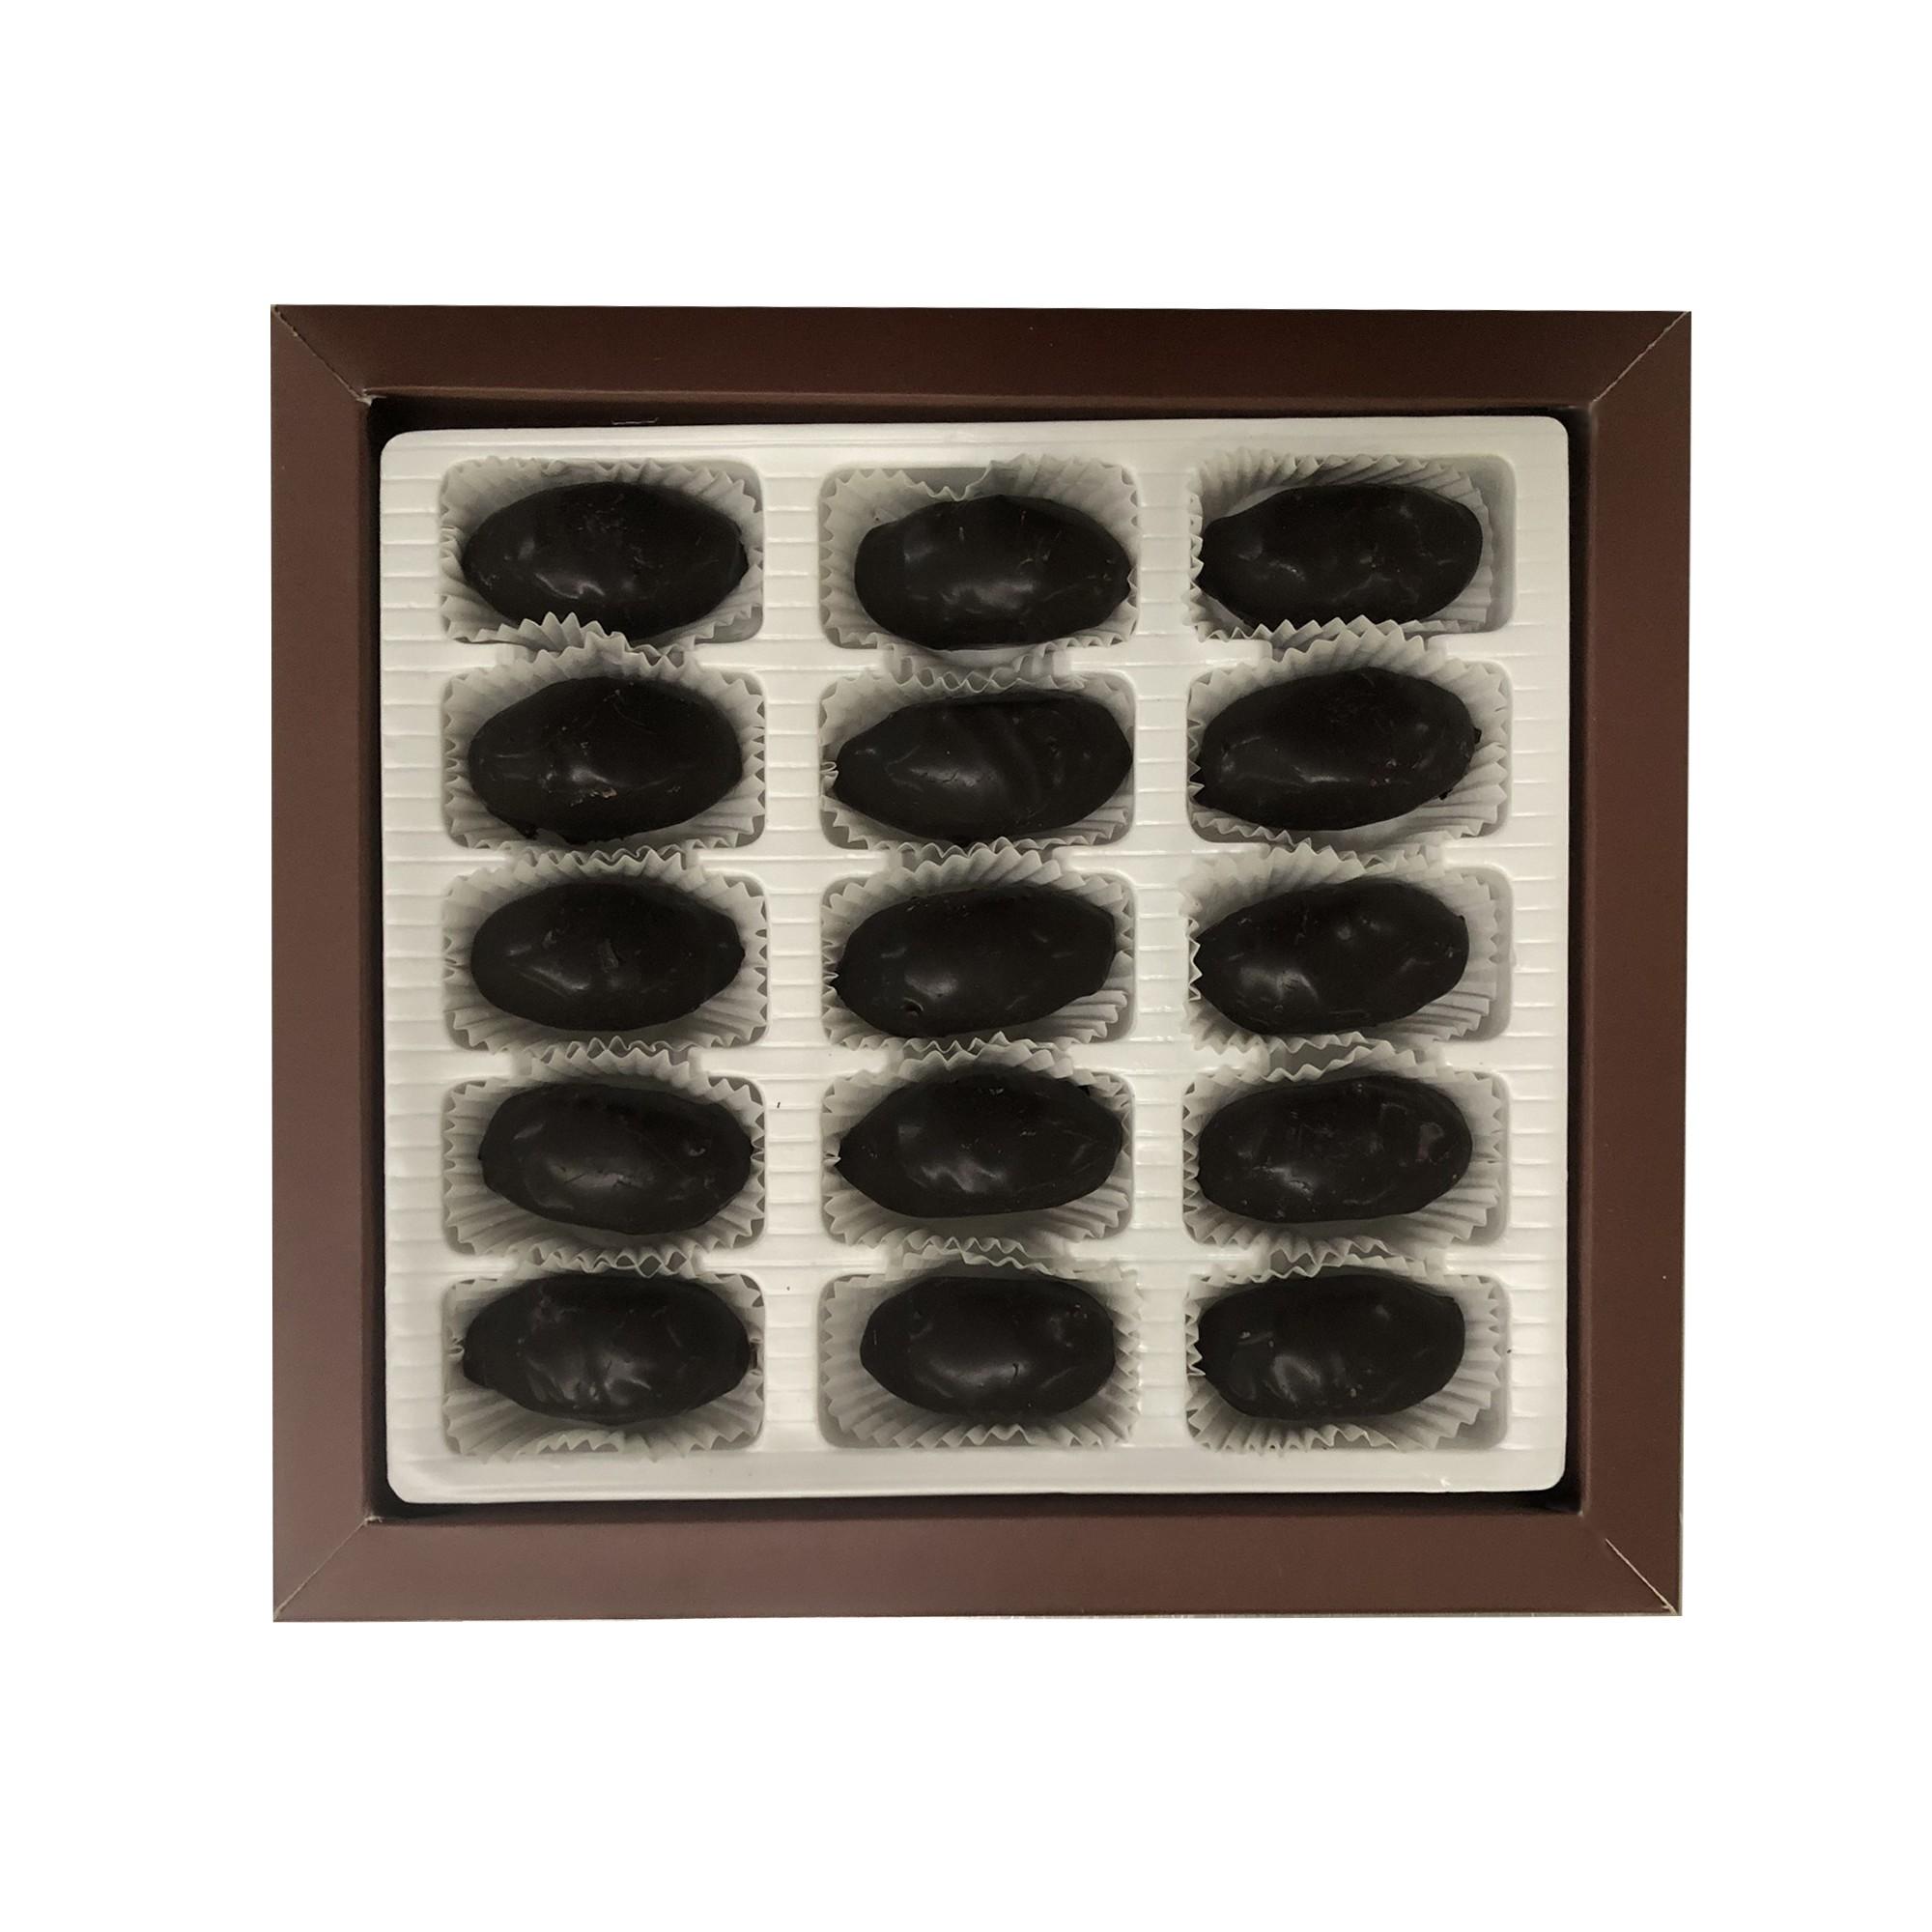 Lüks Kutu Çikolatalı Kestane Şekeri 250g